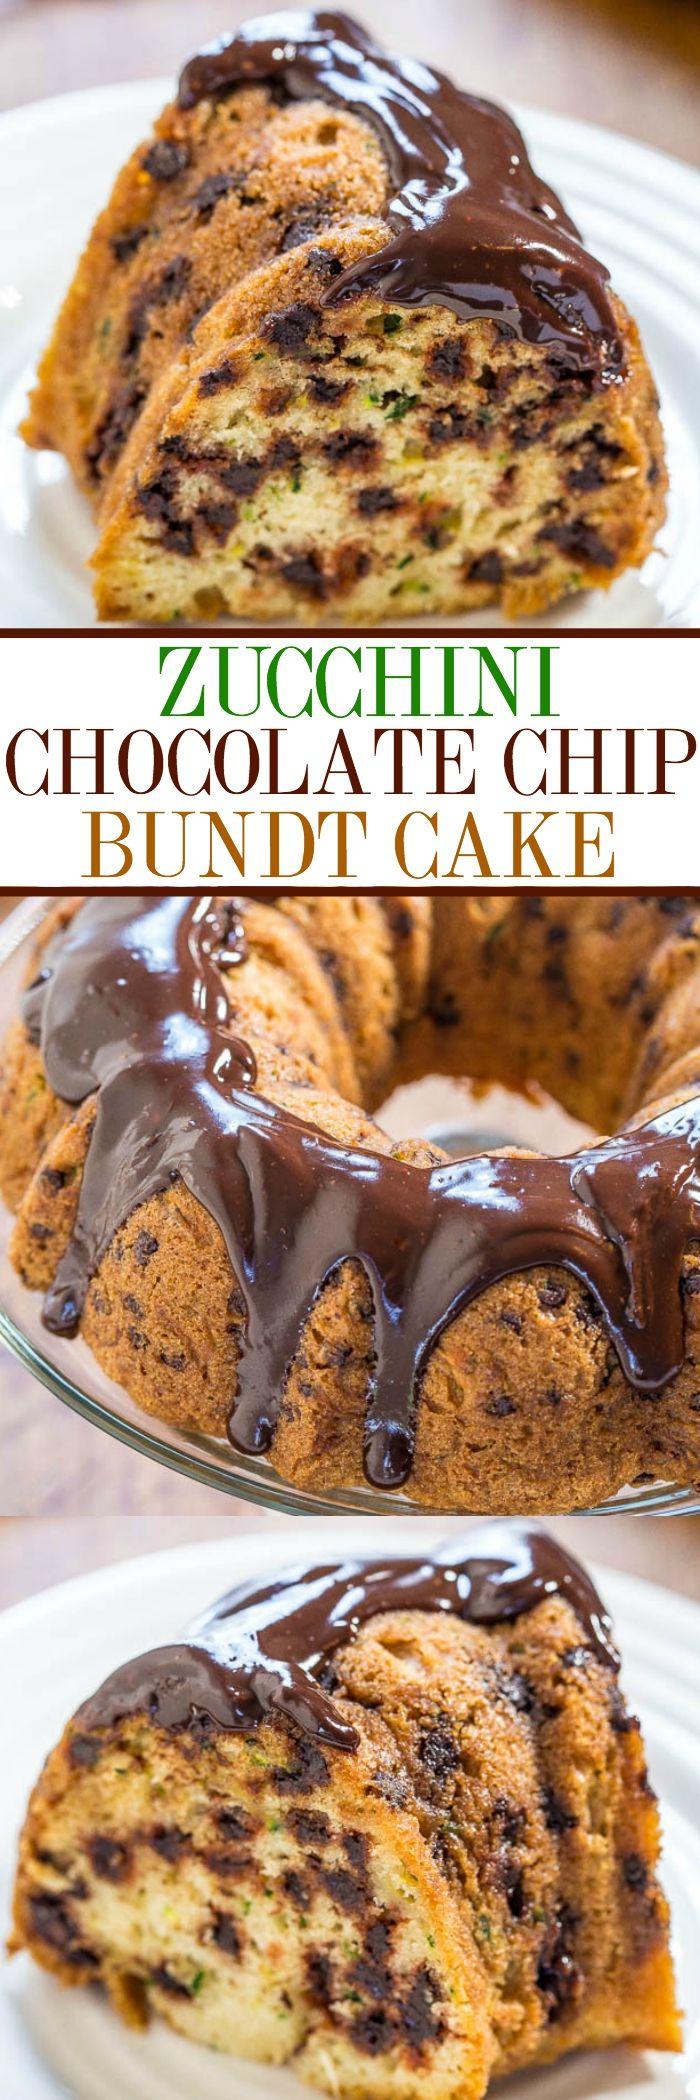 Cake recipes on pinterest bundt cakes coffee cake and poke cakes